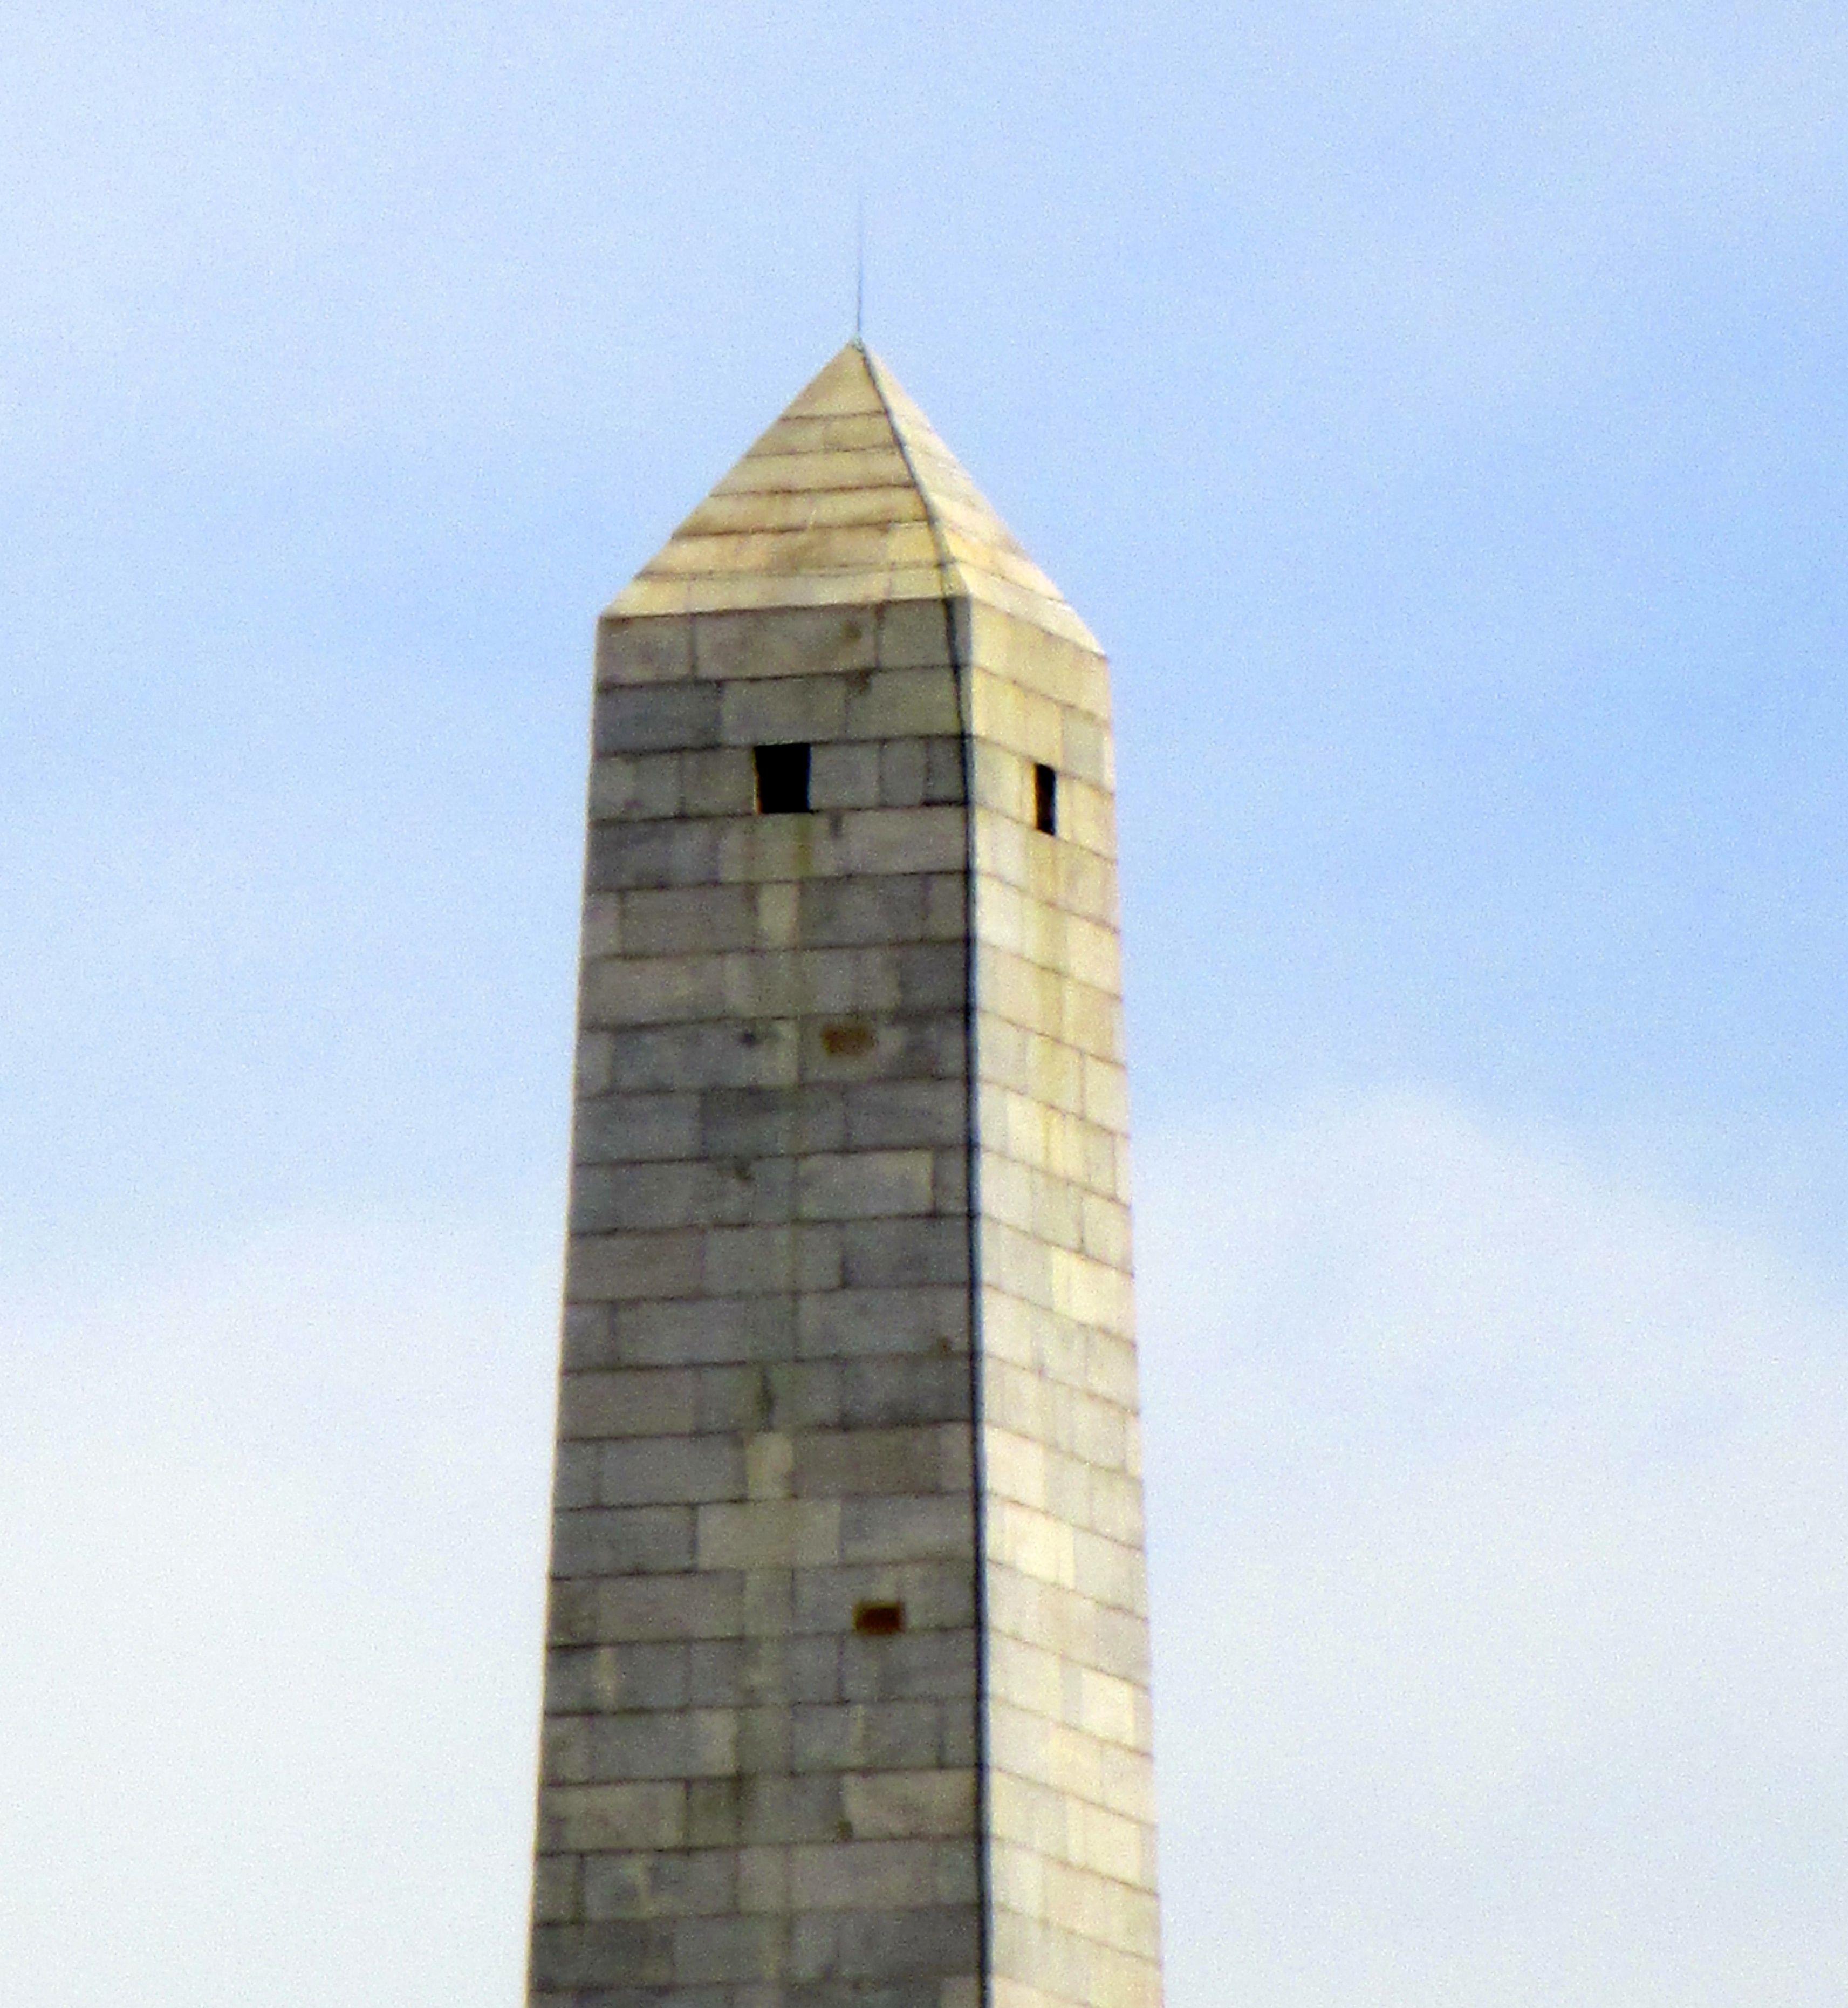 Bunker Hill in Boston